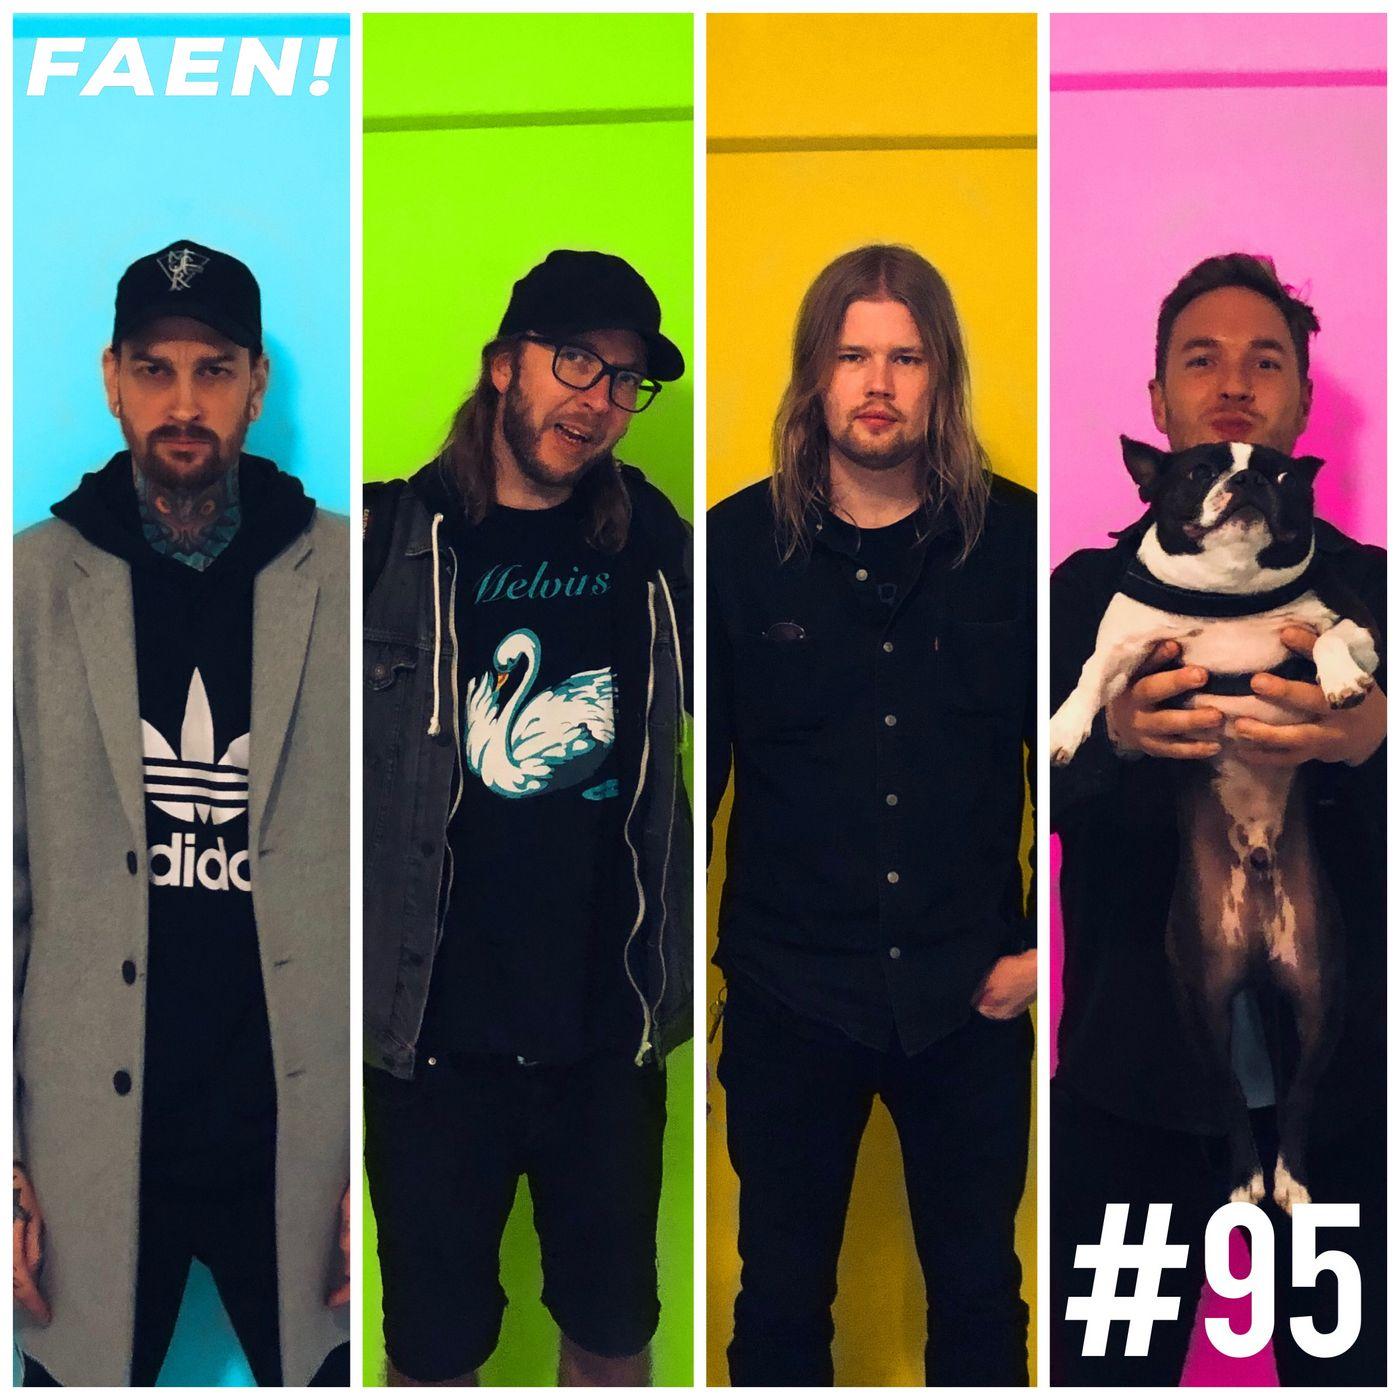 #95 - Ole & Ole - Sâver